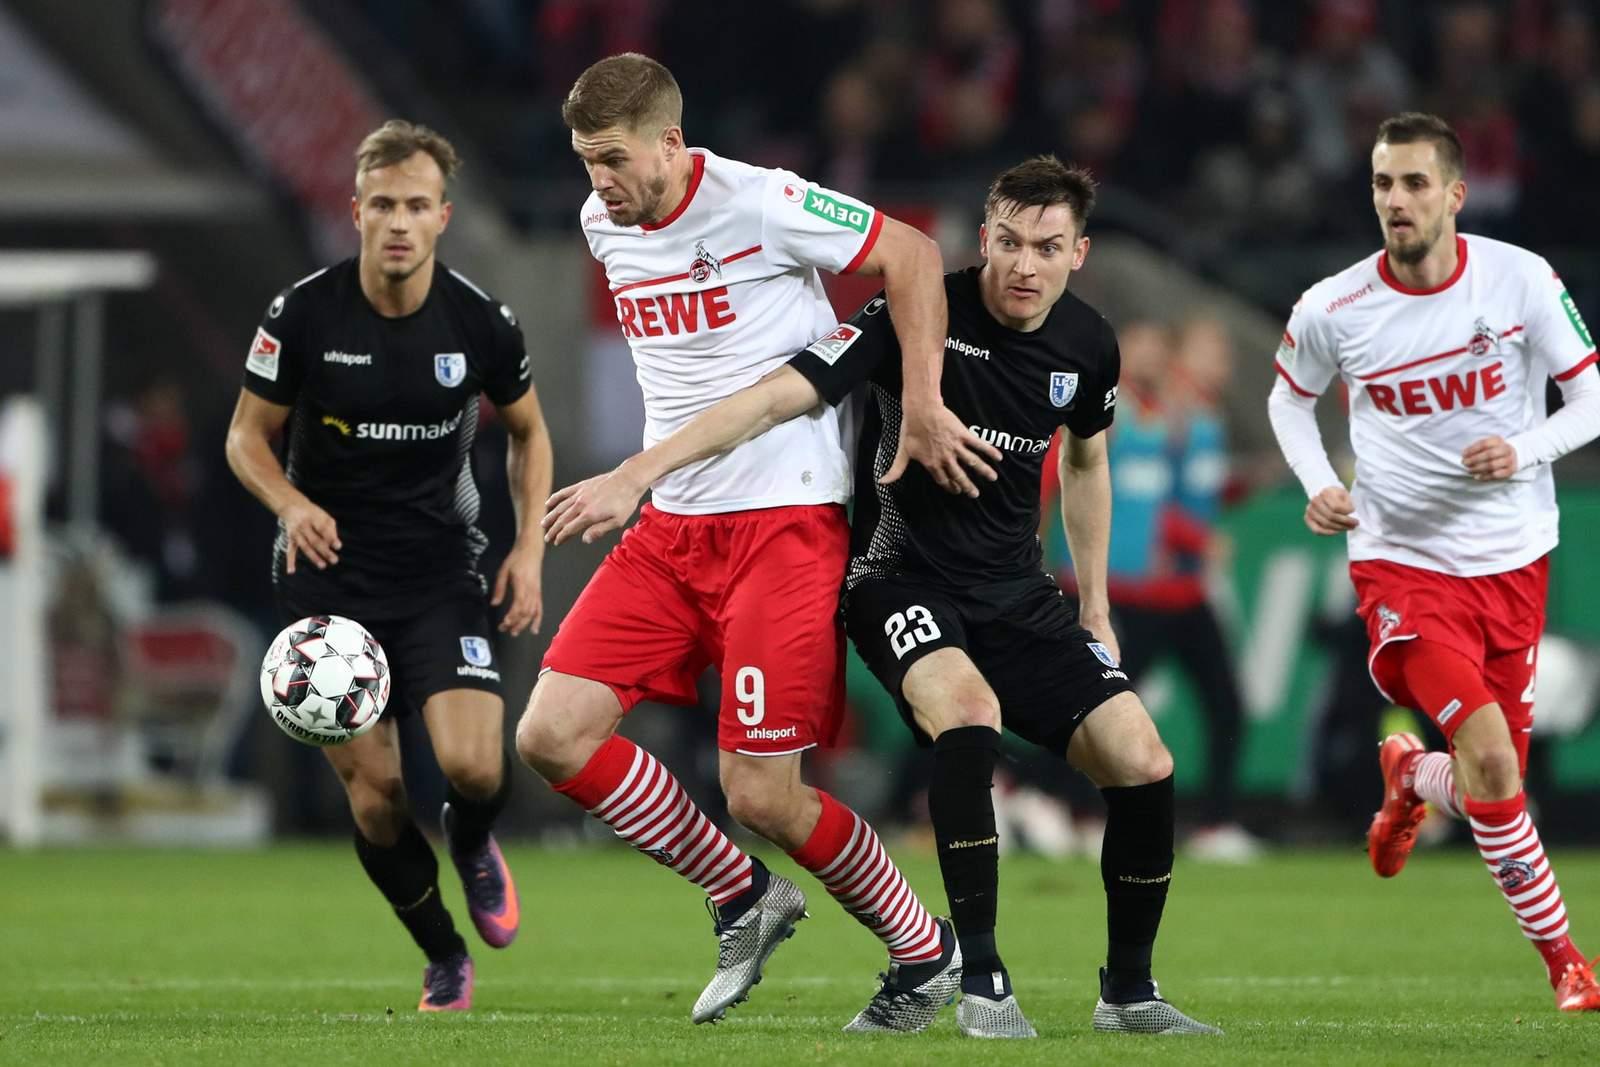 Simon Terodde vom 1.FC Köln im Zweikampf mit Charles Elie Laprevotte von Magdeburg